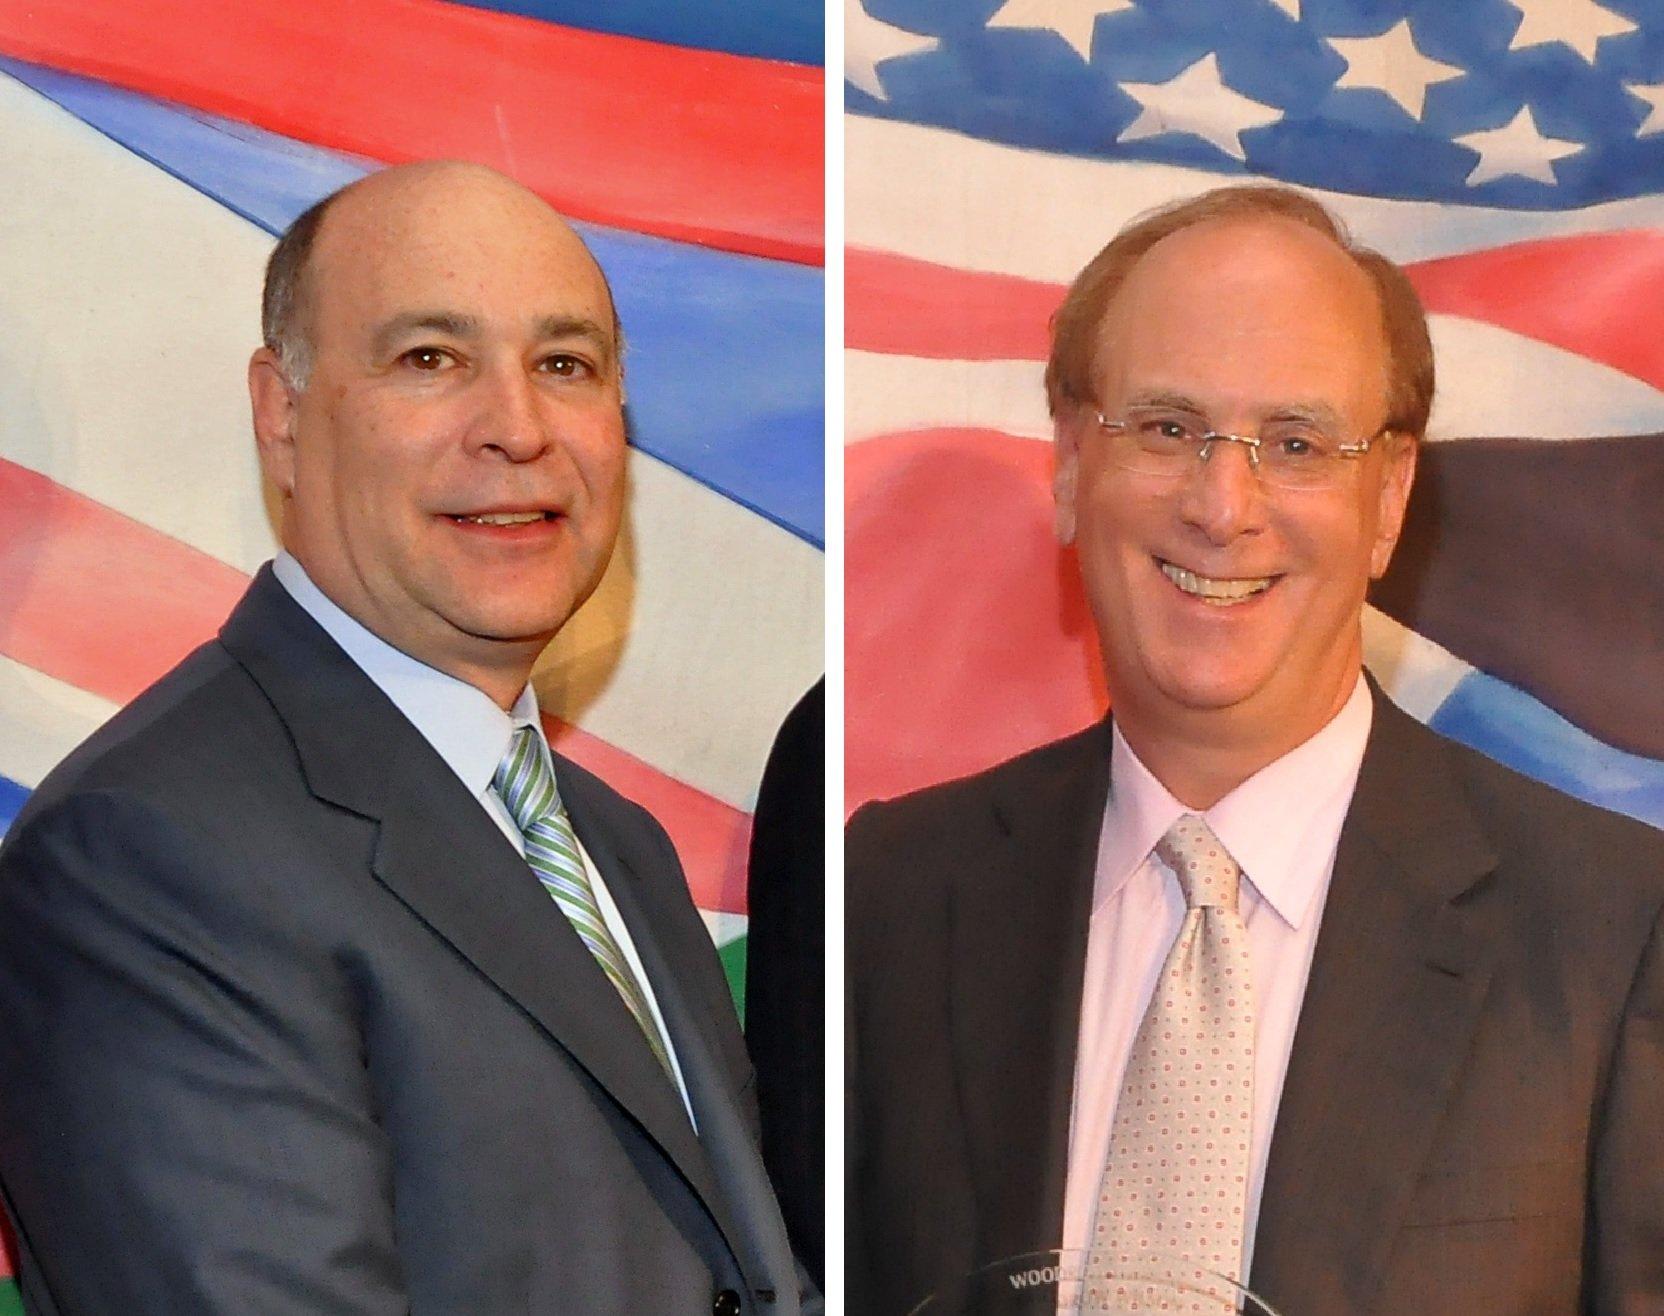 Robert Kapito y Laurence Fink dirigen el mayor fondo de inversión del mundo